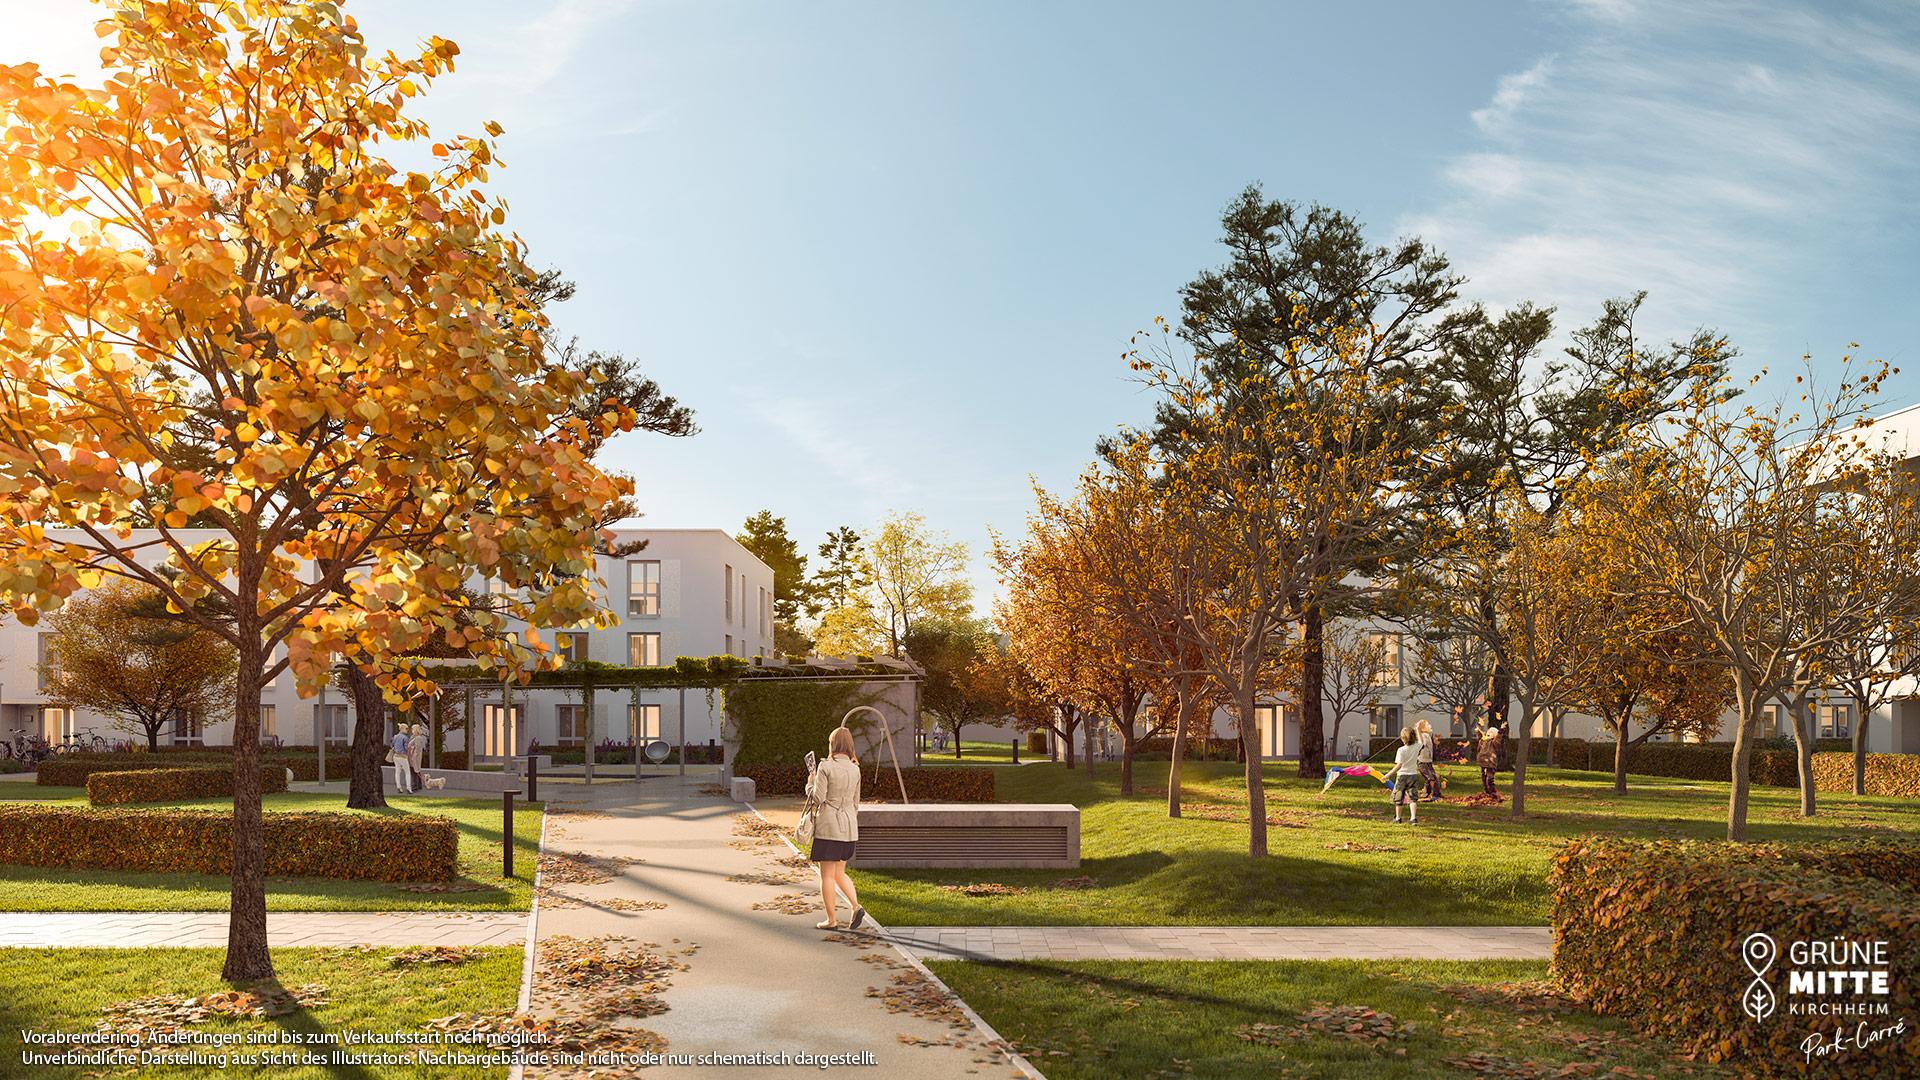 Immobilie Grüne Mitte Kirchheim - Park-Carré - Vorankündigung - Illustration 2